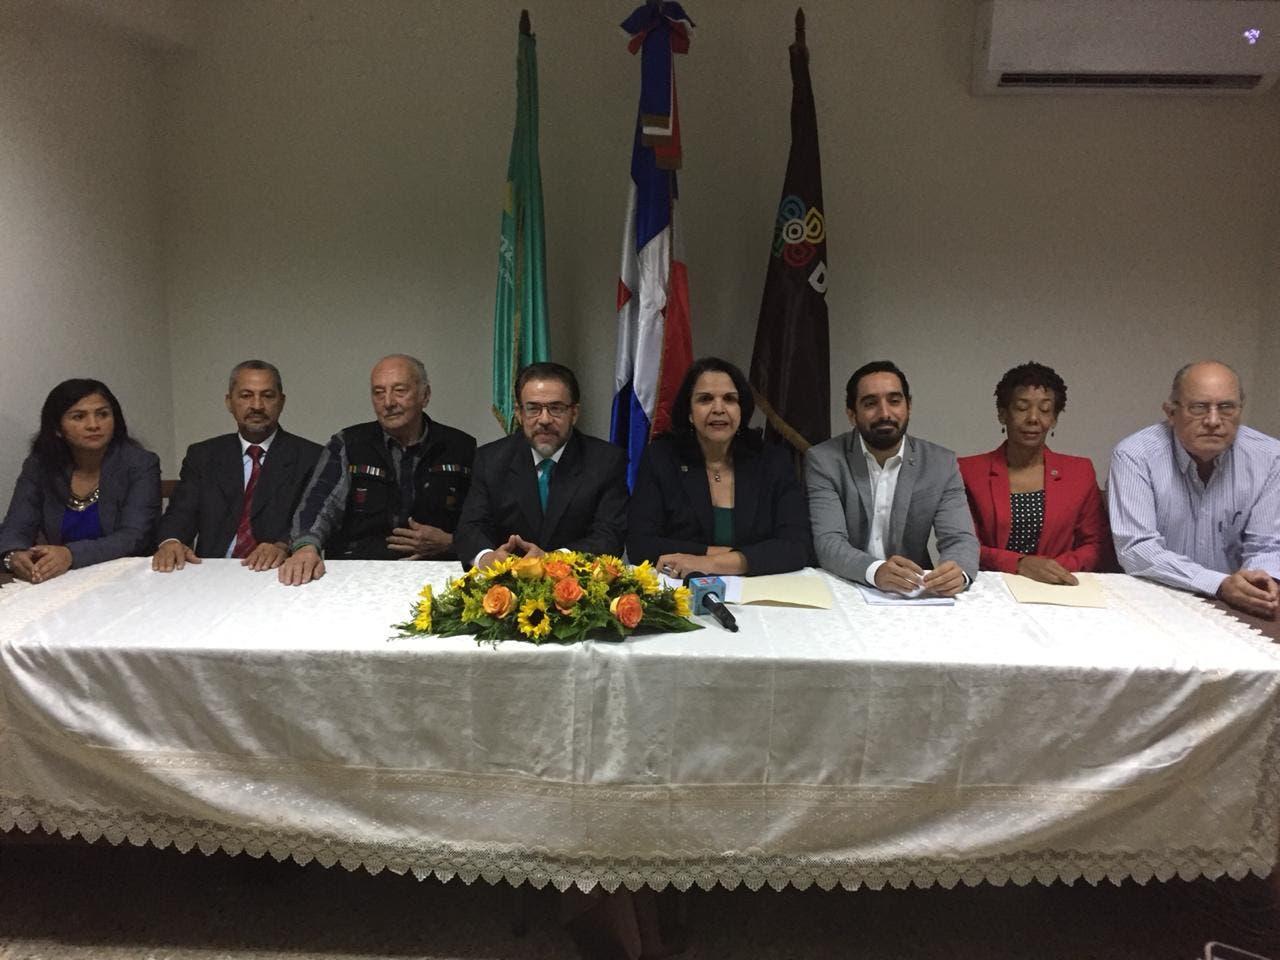 La JCE rechazó la solicitud realizada por los partidos Opción Democrática y Alianza País de participar en una coalición de partidos en las primarias simultáneas a ser celebradas en octubre.